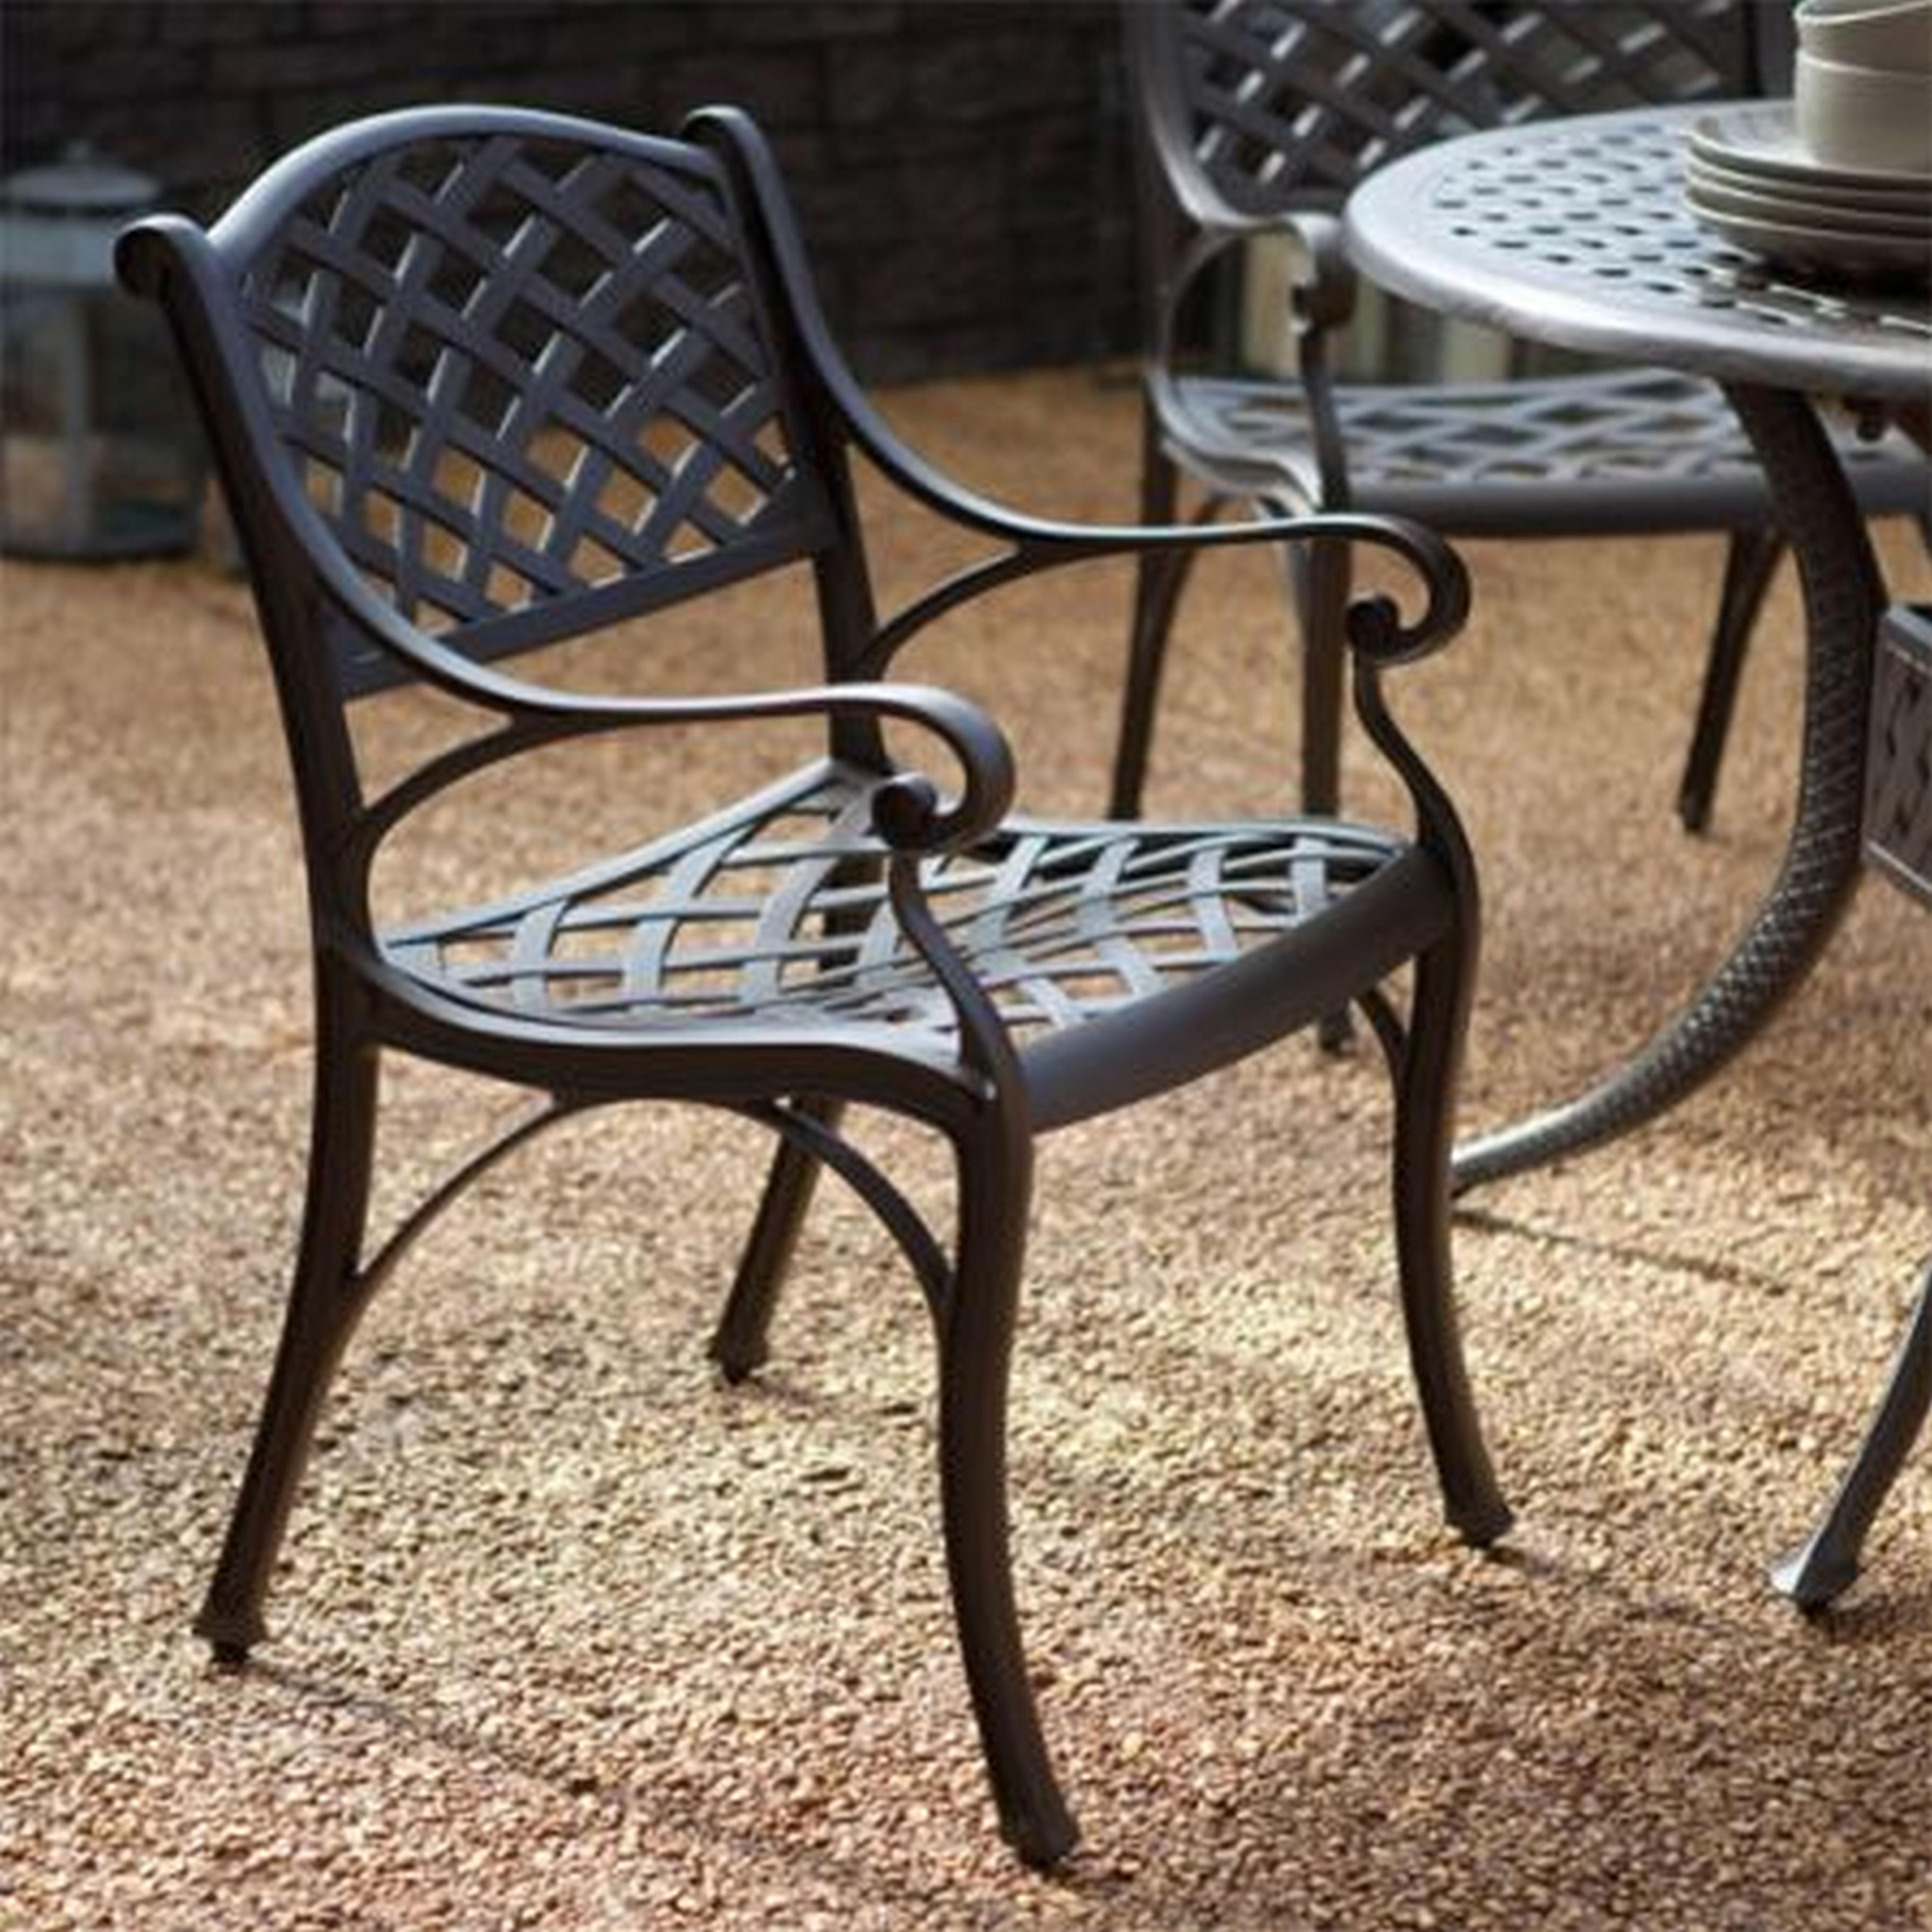 Patio : Patio Aluminium Furniture Aluminum Rocking Chair Swivel Within Trendy Black Aluminum Patio Conversation Sets (View 18 of 20)